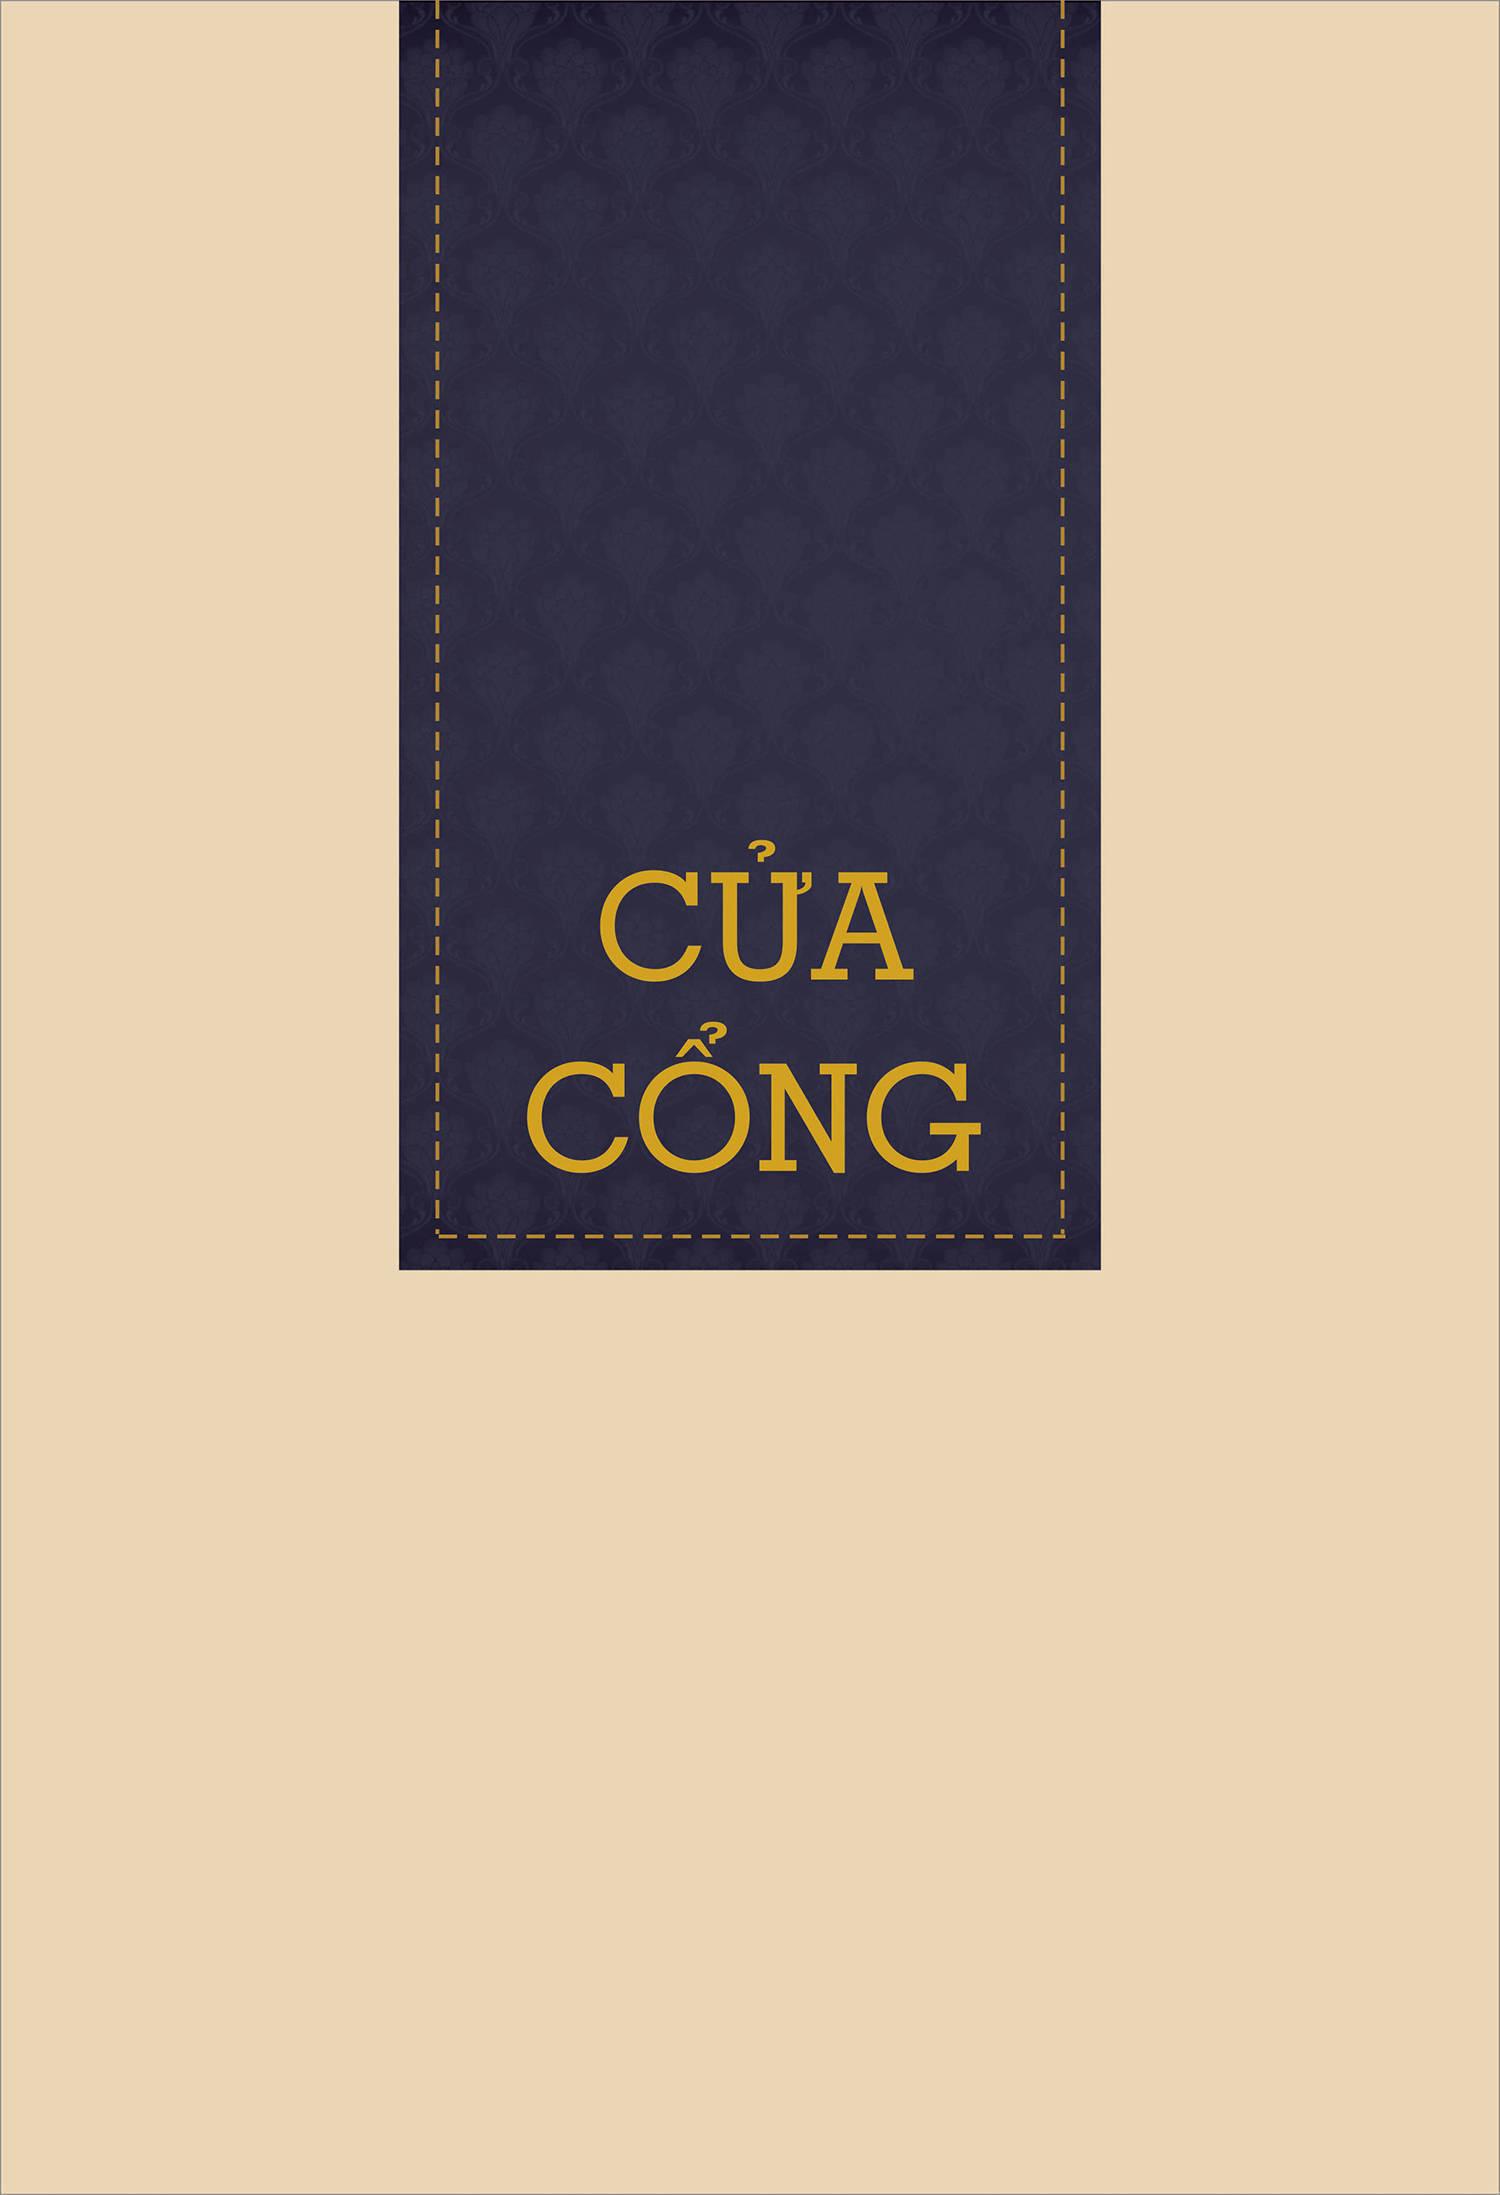 Catalogue-cua-cong